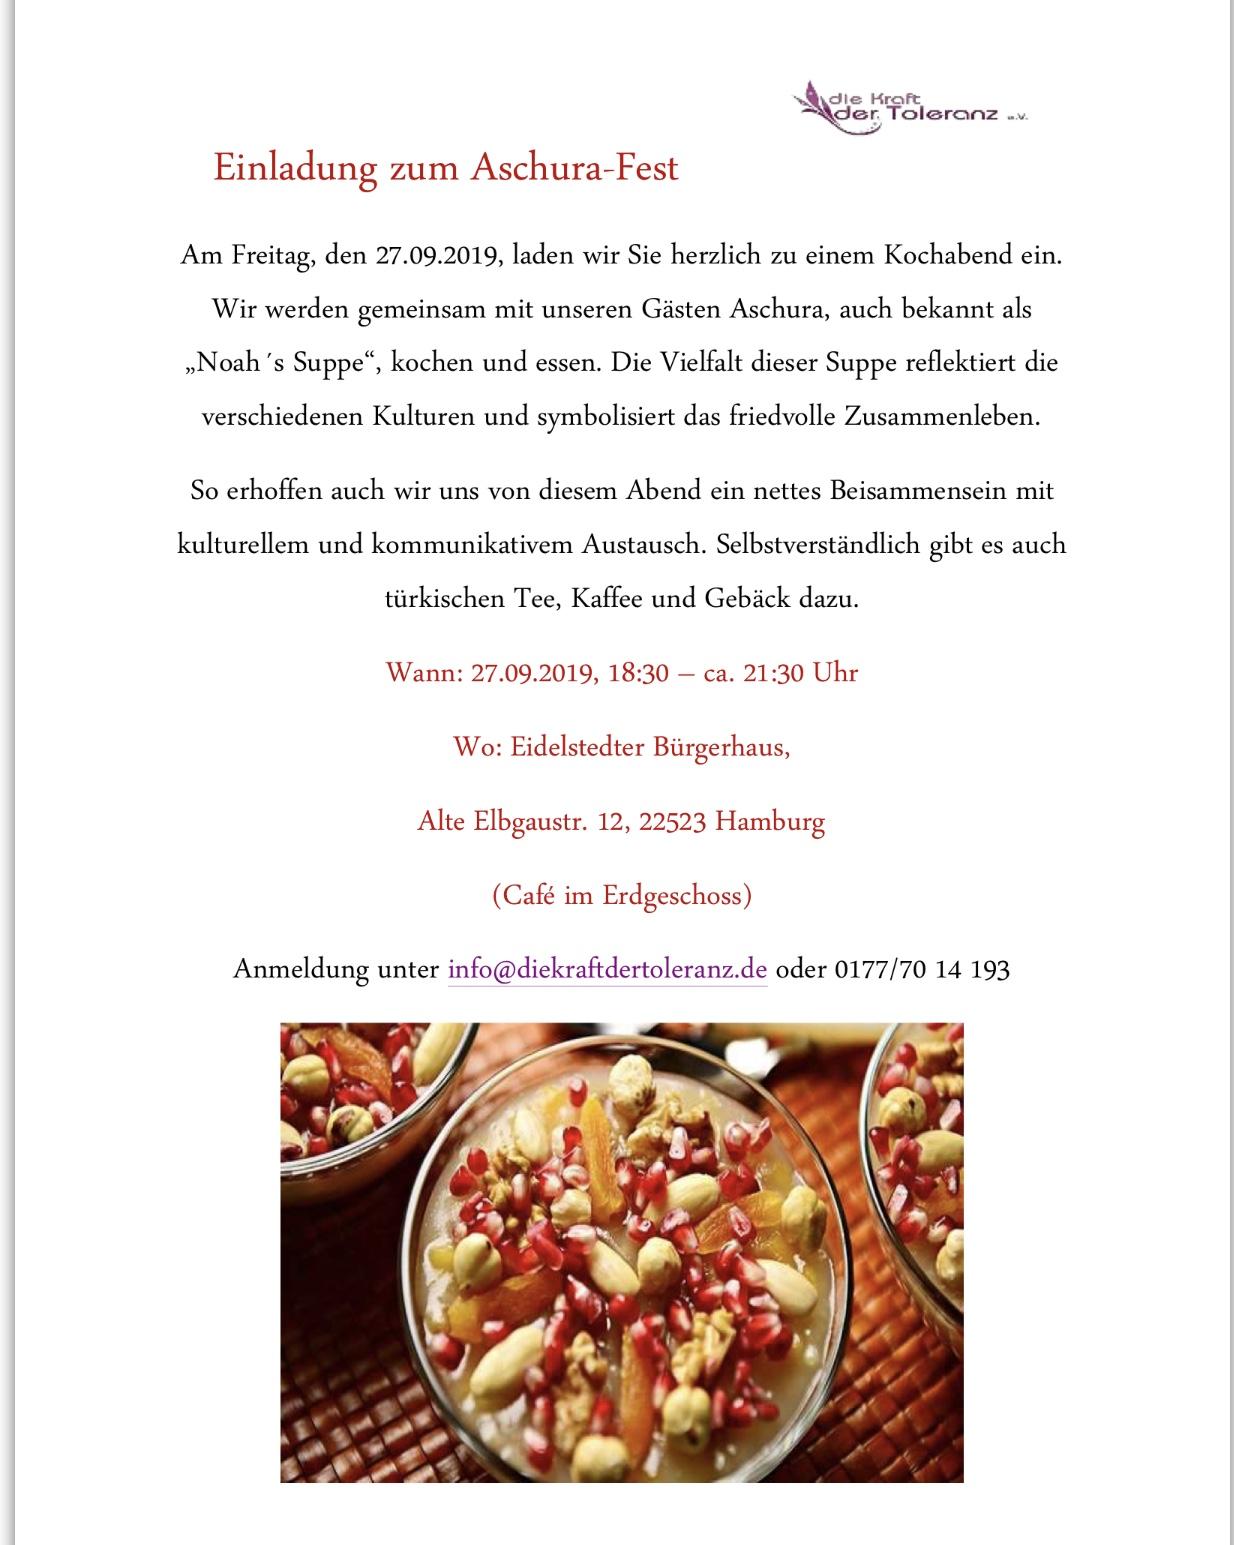 Aschura Fest in Eidelstedter Bürgerhaus